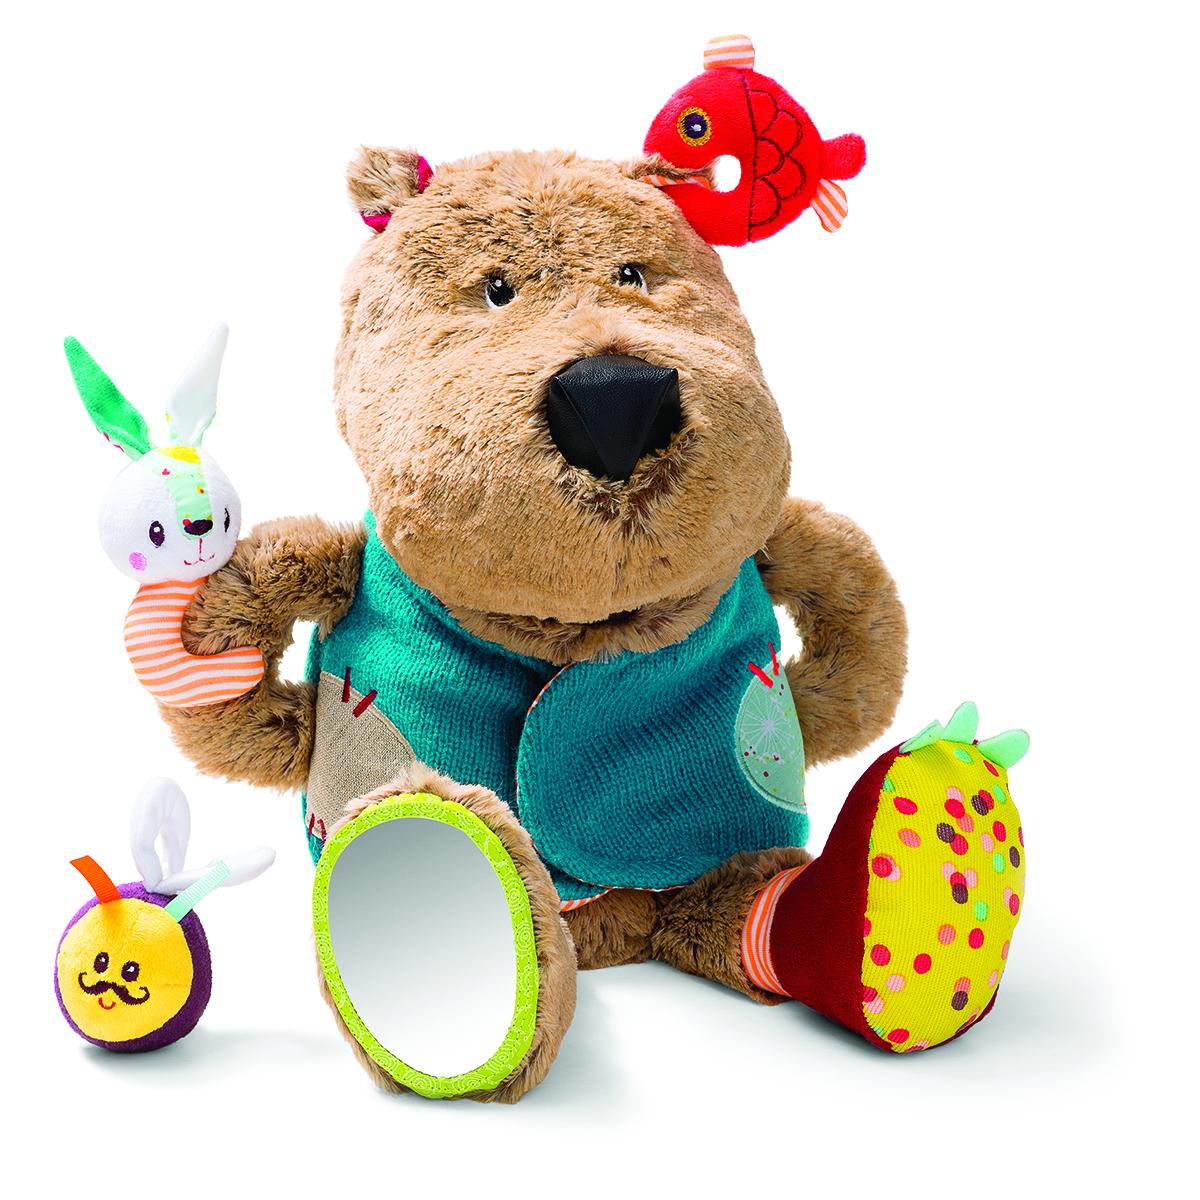 Lilliputiens Развивающая игрушка Медвежонок Цезарь86784Нажми на мордочку Цезаря, и медвежонок зарычит: он очень проголодался! Скорее накорми его: положи ему в пасть рыбку, зайчика или... шмеля... Они, конечно же, слишком юркие и не дадут себя проглотить! Смотри как они дразнят медвежонка, повиснув у него на жилете.